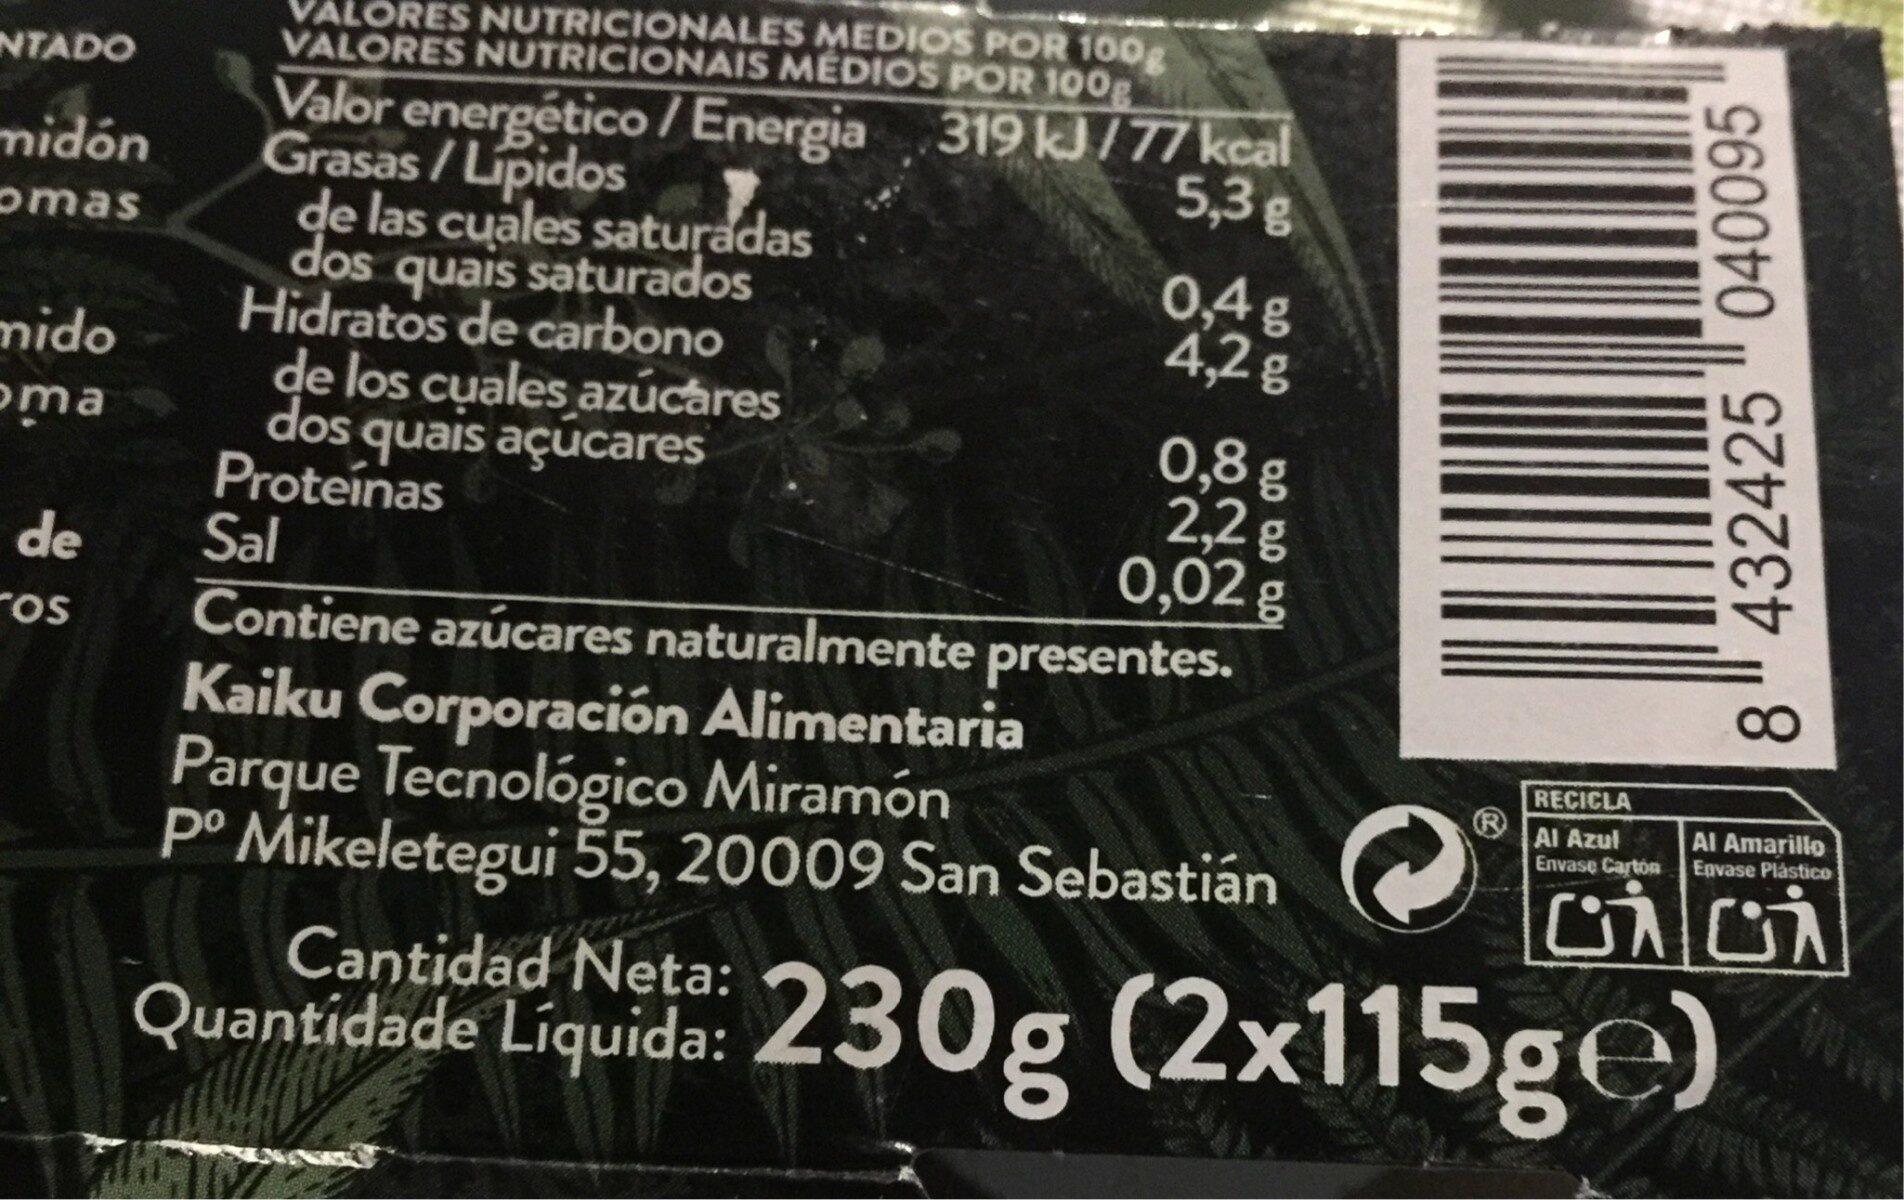 Begetal de almendra natural sin azucares - Producte